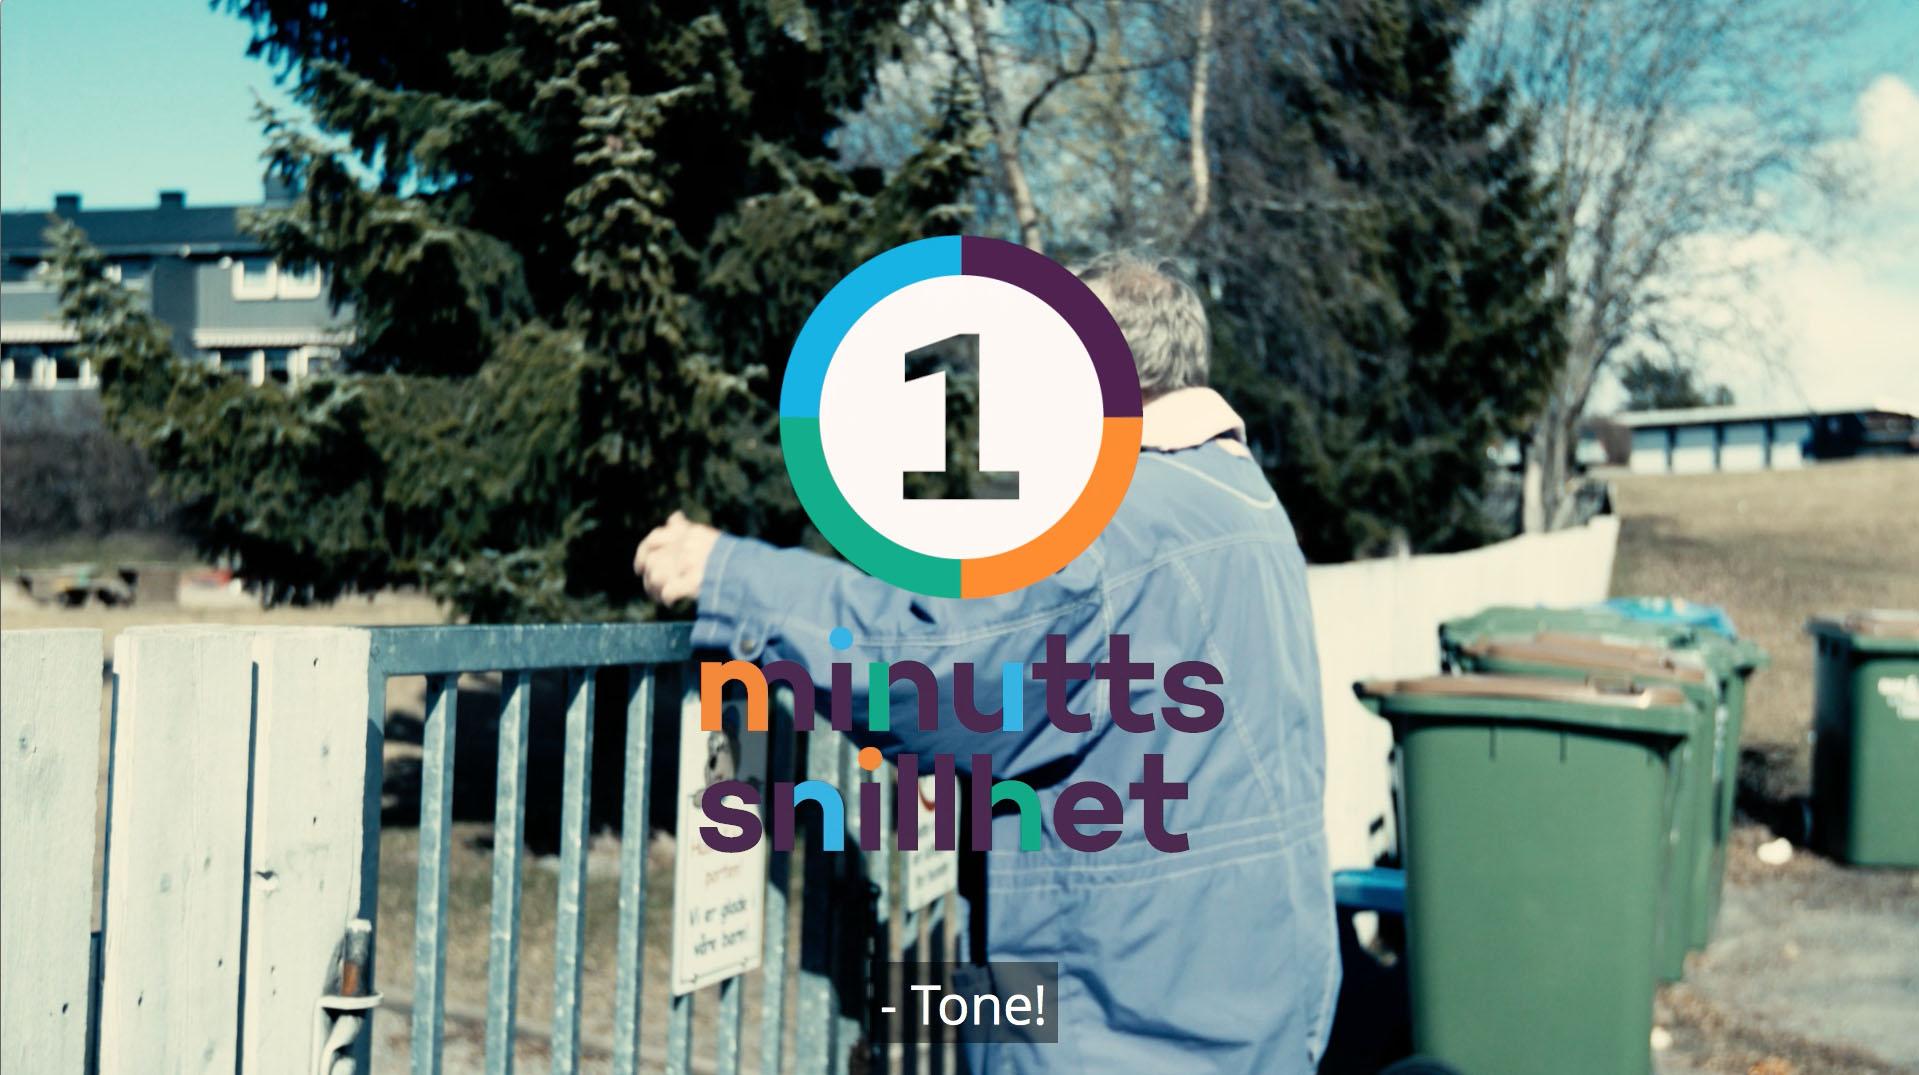 Ett minutt snillhet - En serie filmer om følelsen av frivillig innsats.